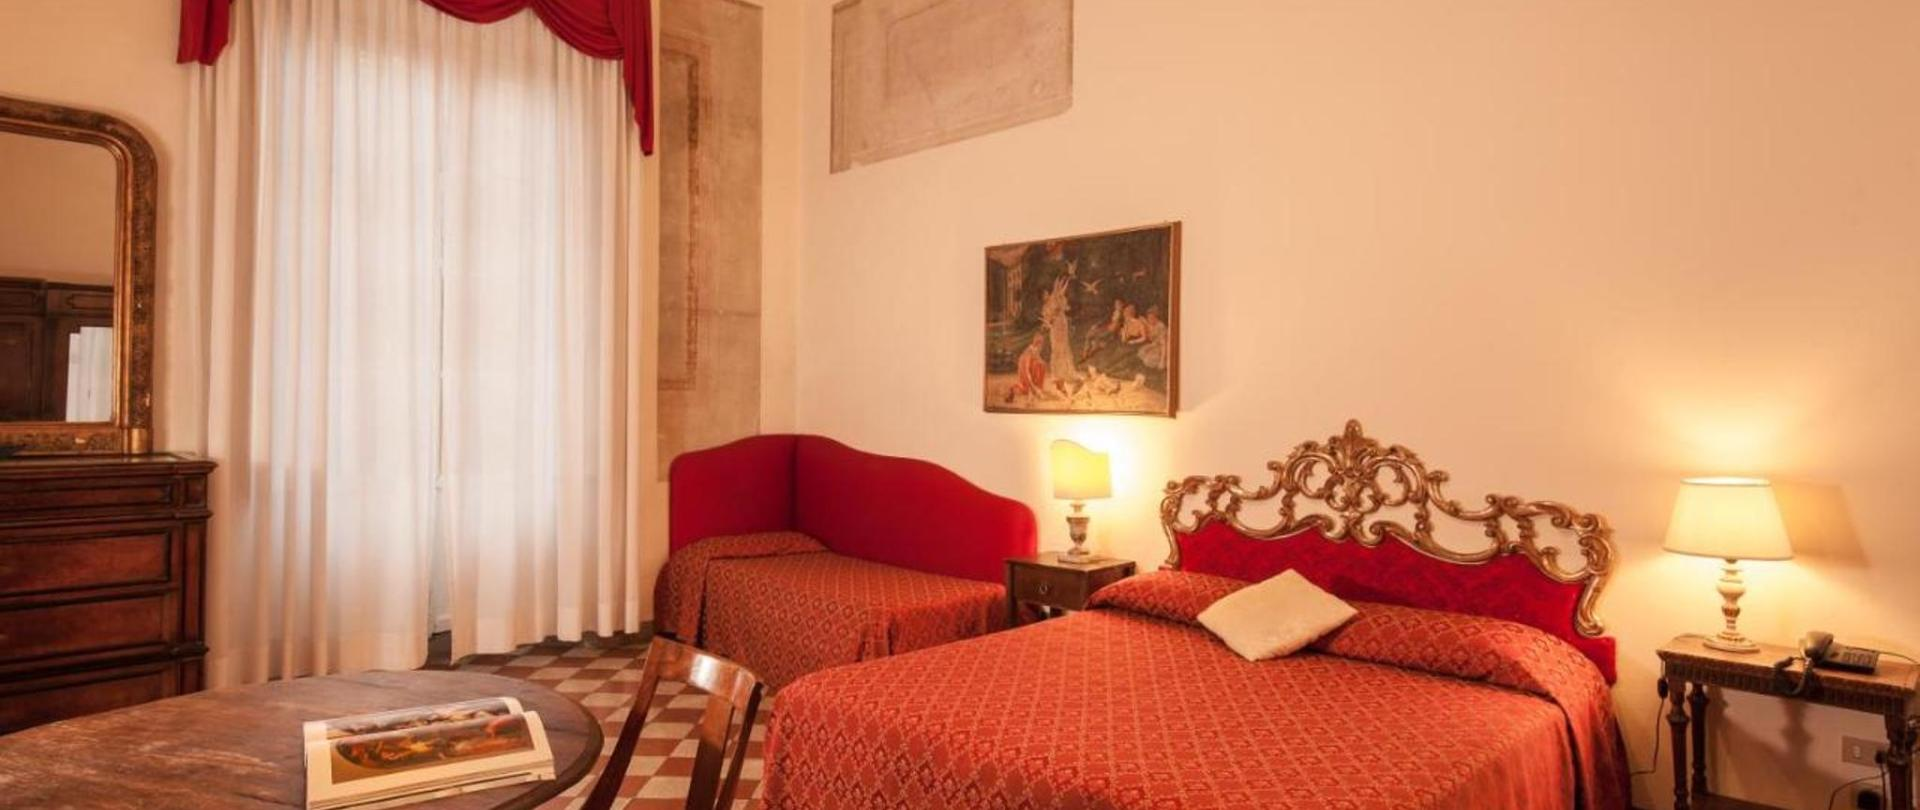 Hotel Annalena